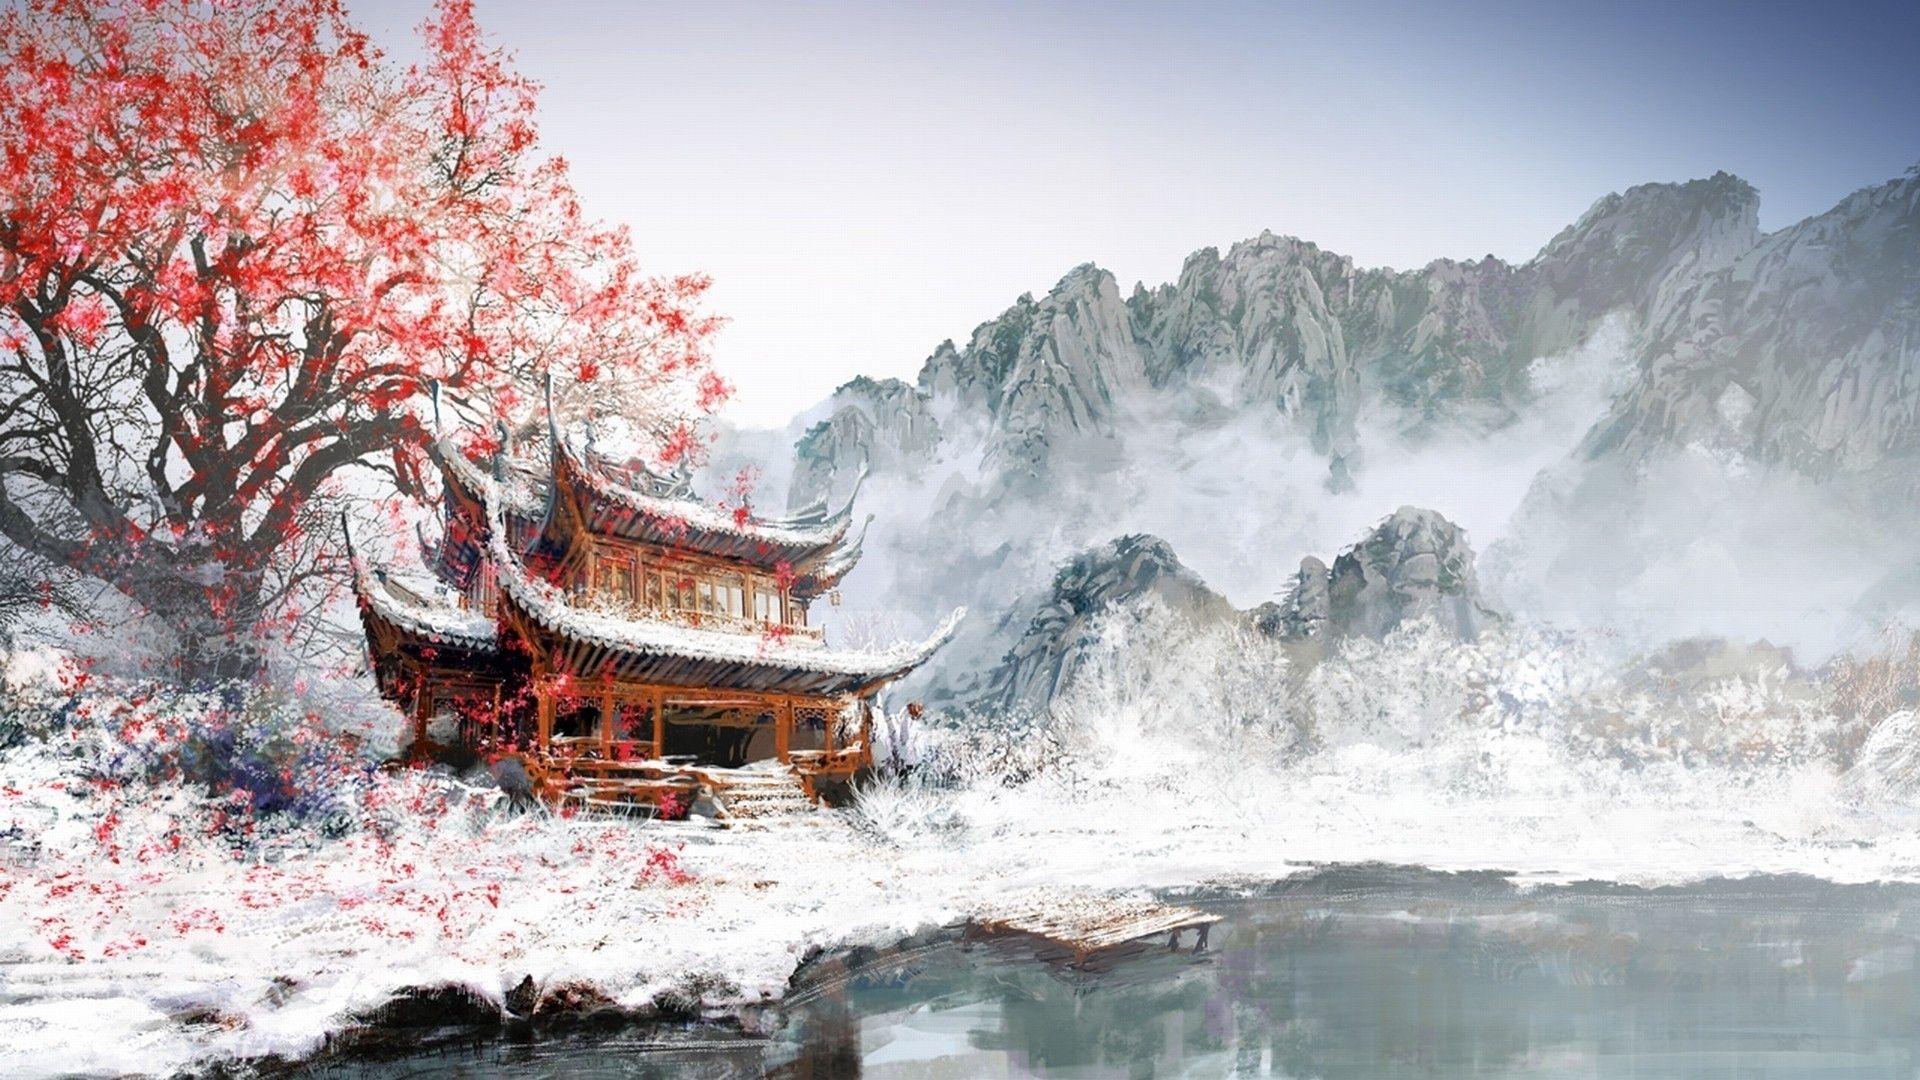 Landscape Scenery Art Paintings Landscapes Drawings Japanese Landscapes 1920x1080px Japanese Landscape Japanese Painting Landscape Art